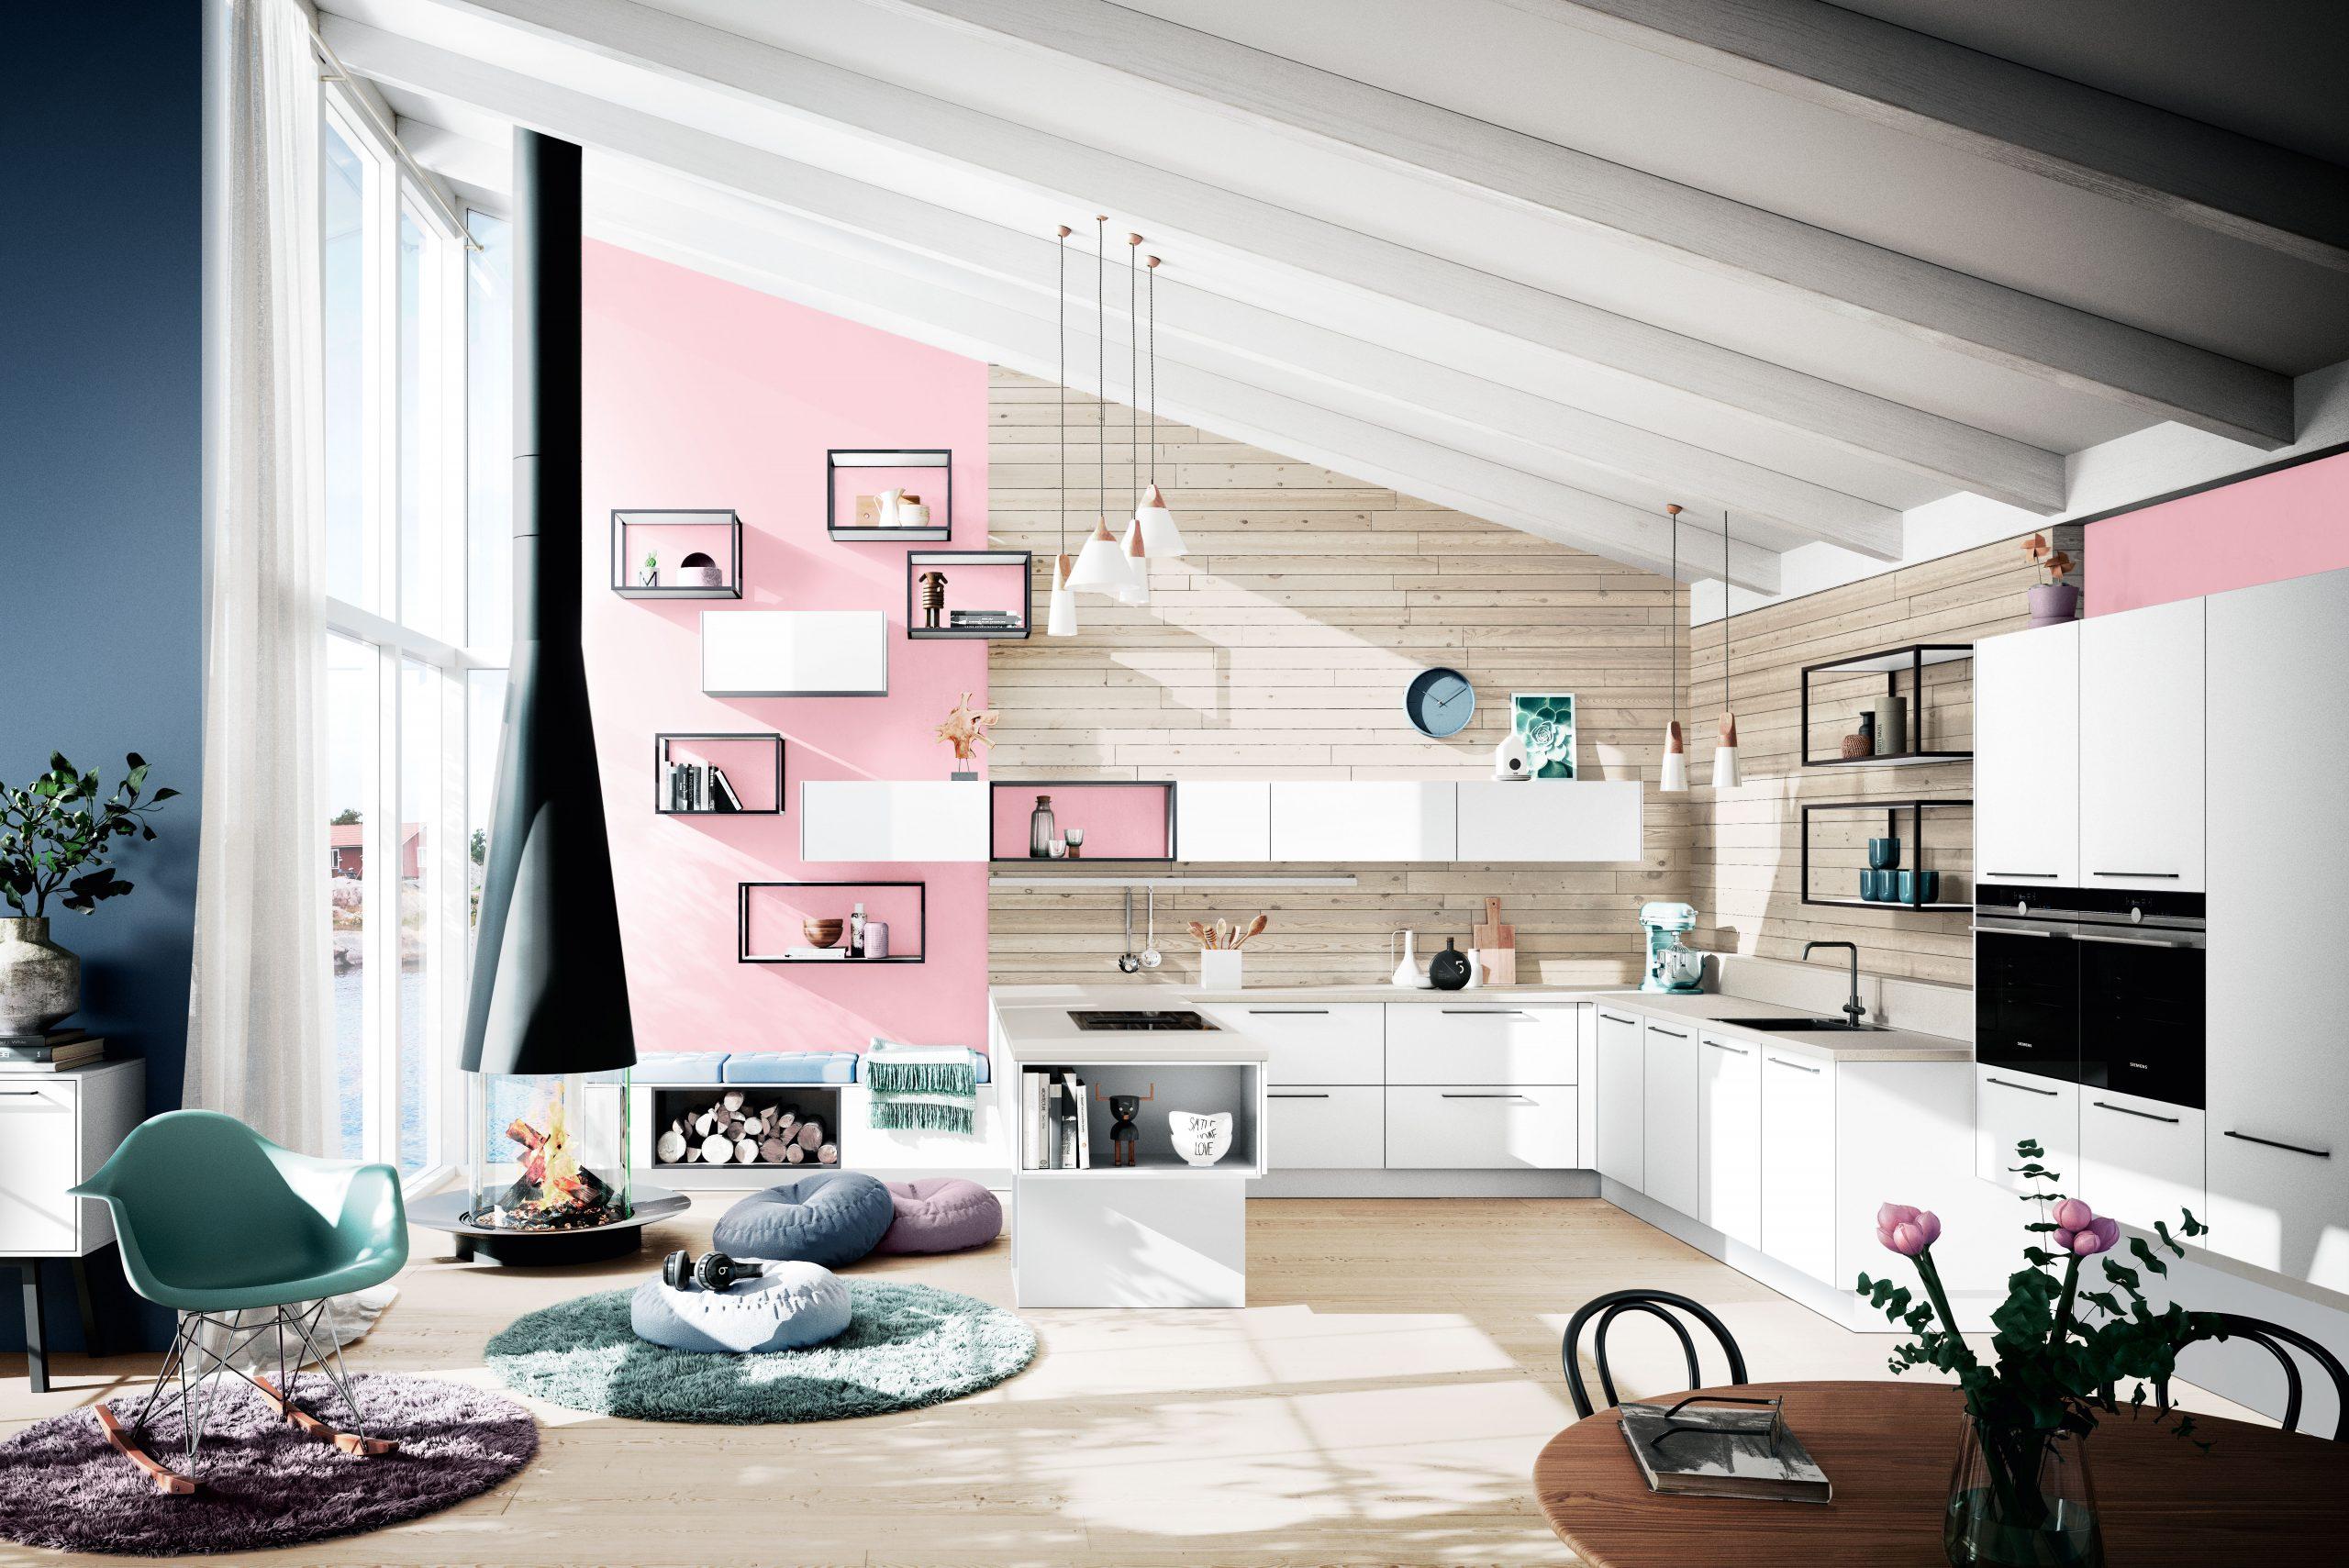 Full Size of Küche Rosa Streichen Wandfarbe Küche Rosa Ikea Küche Rosa Kinder Küche Rosa Wand Küche Küche Rosa